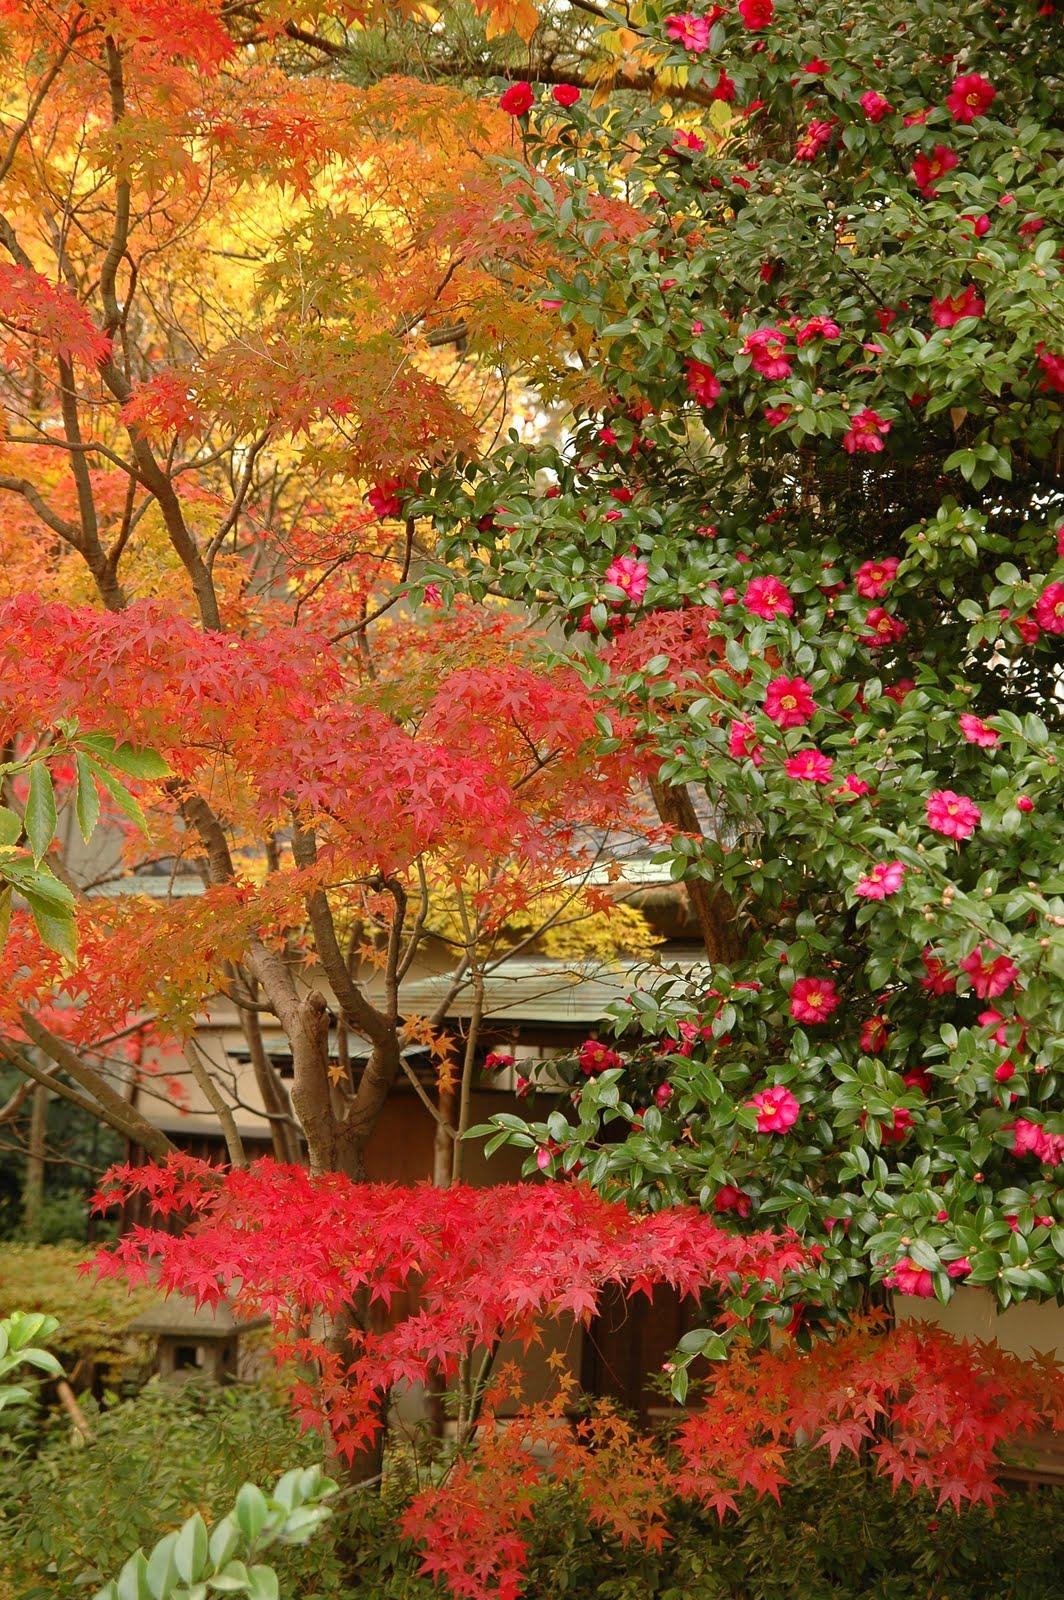 seshiru: Jardins d'automne